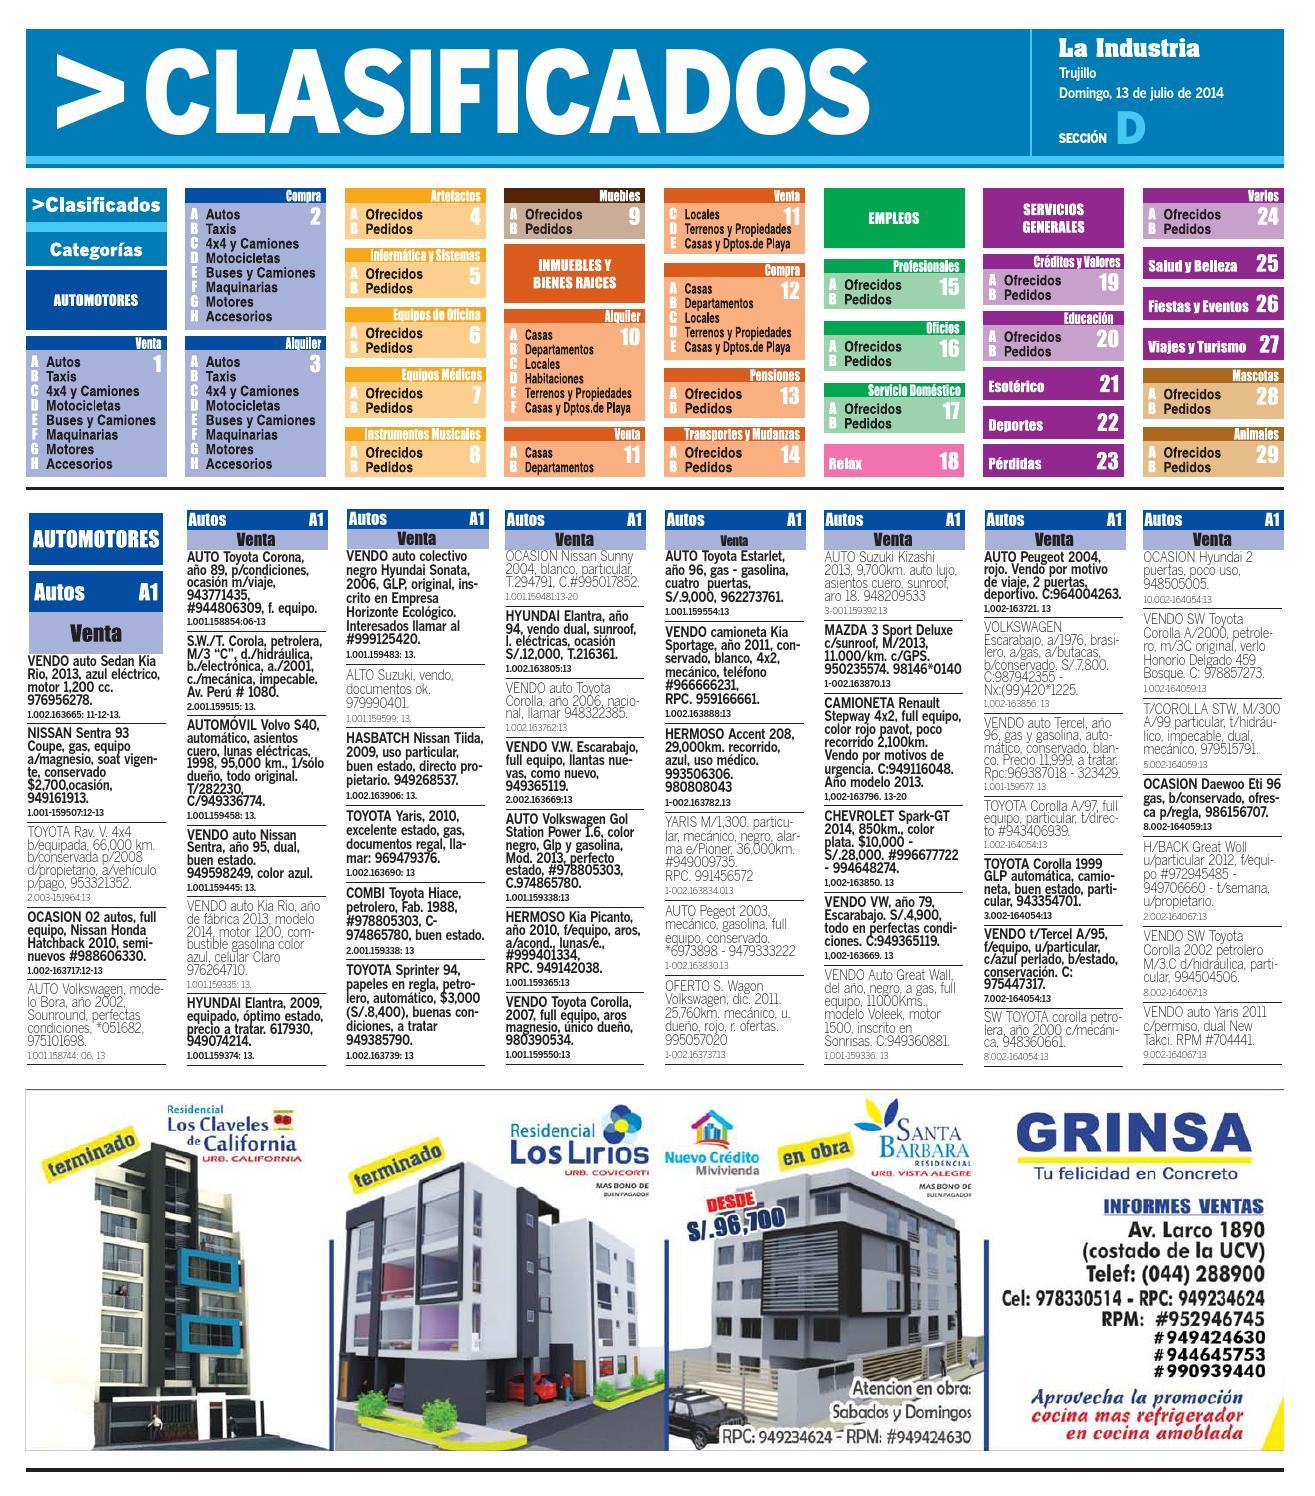 Kia Rio 2019 Azul Electrico: Diario La Industria De Trujillo, Clasificados, 13 De Julio